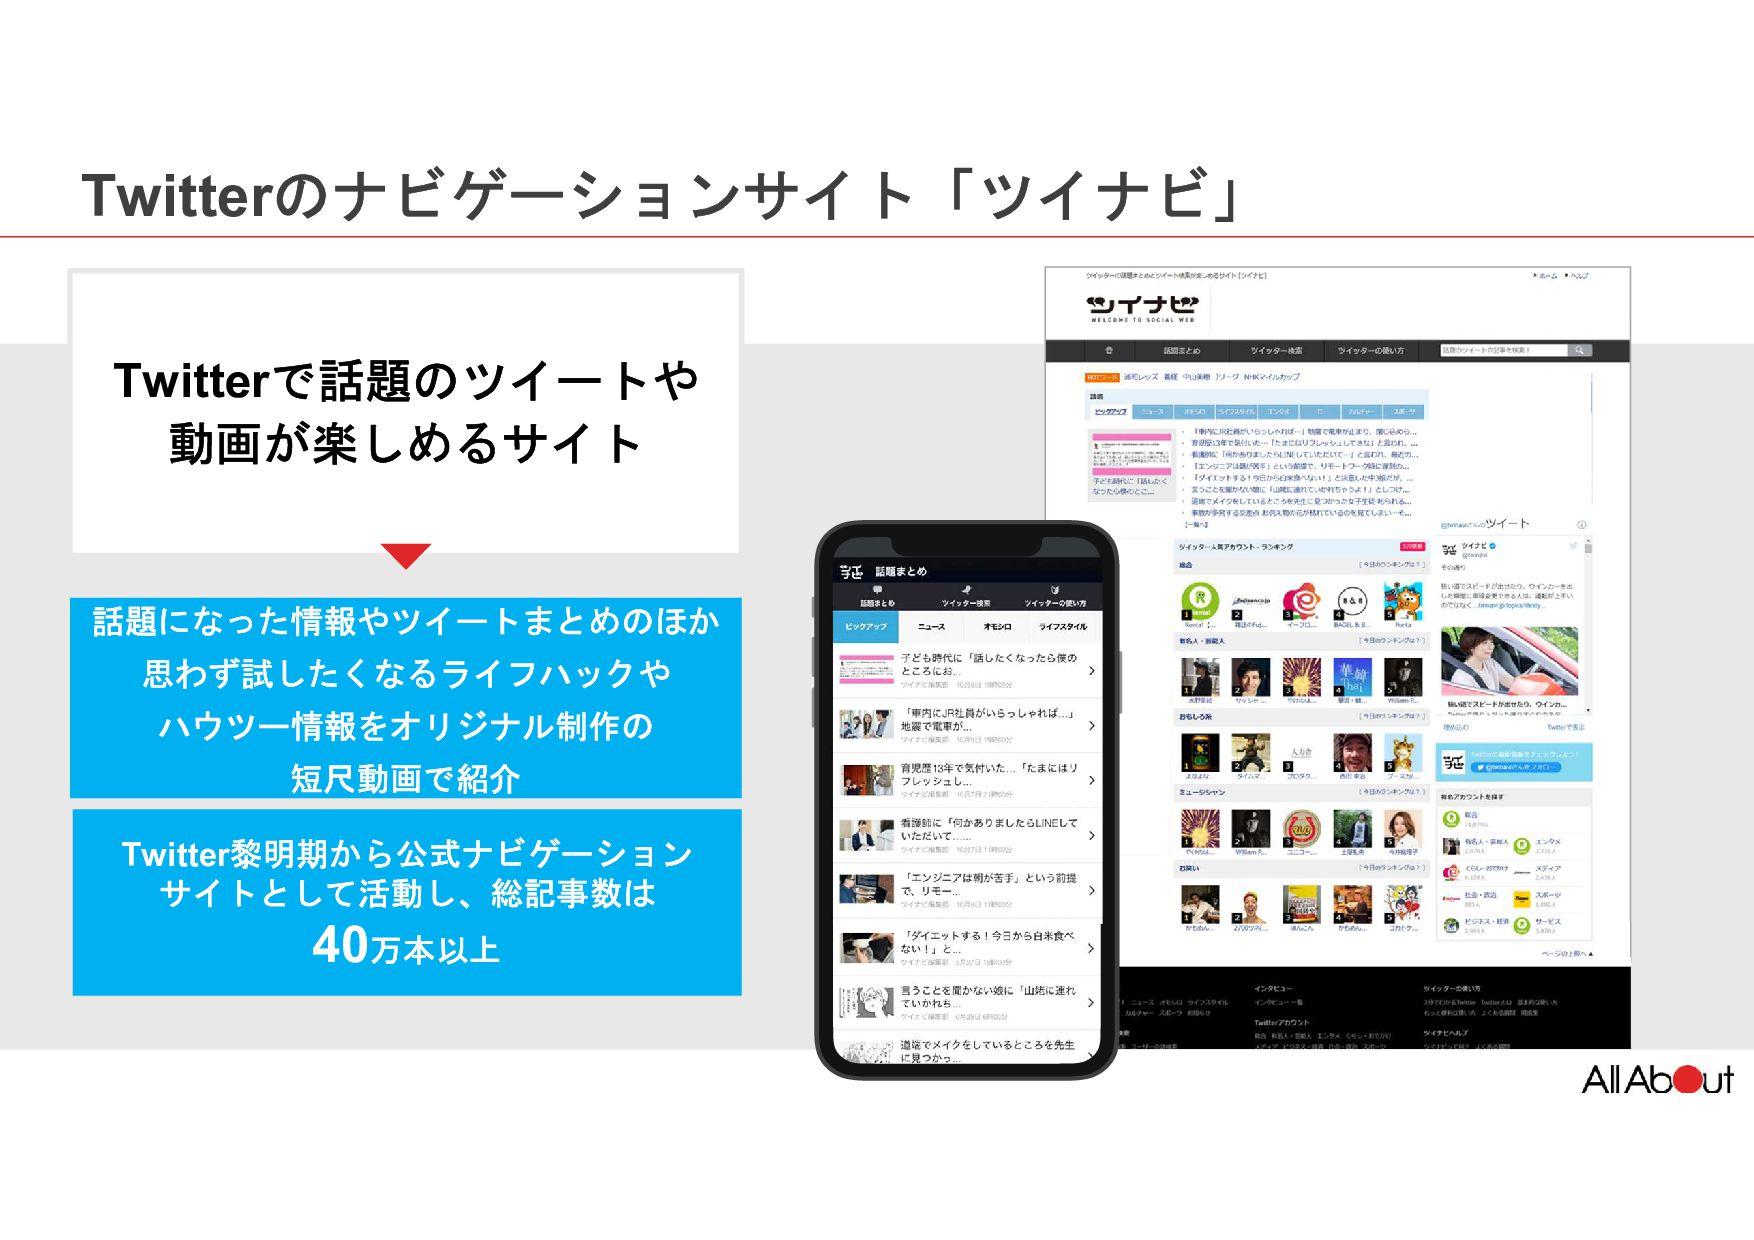 【 サ ー ビ ス 】 メディアビジネスの構造 【ビジネス・マネタイズ】 コンテンツマーケティ...